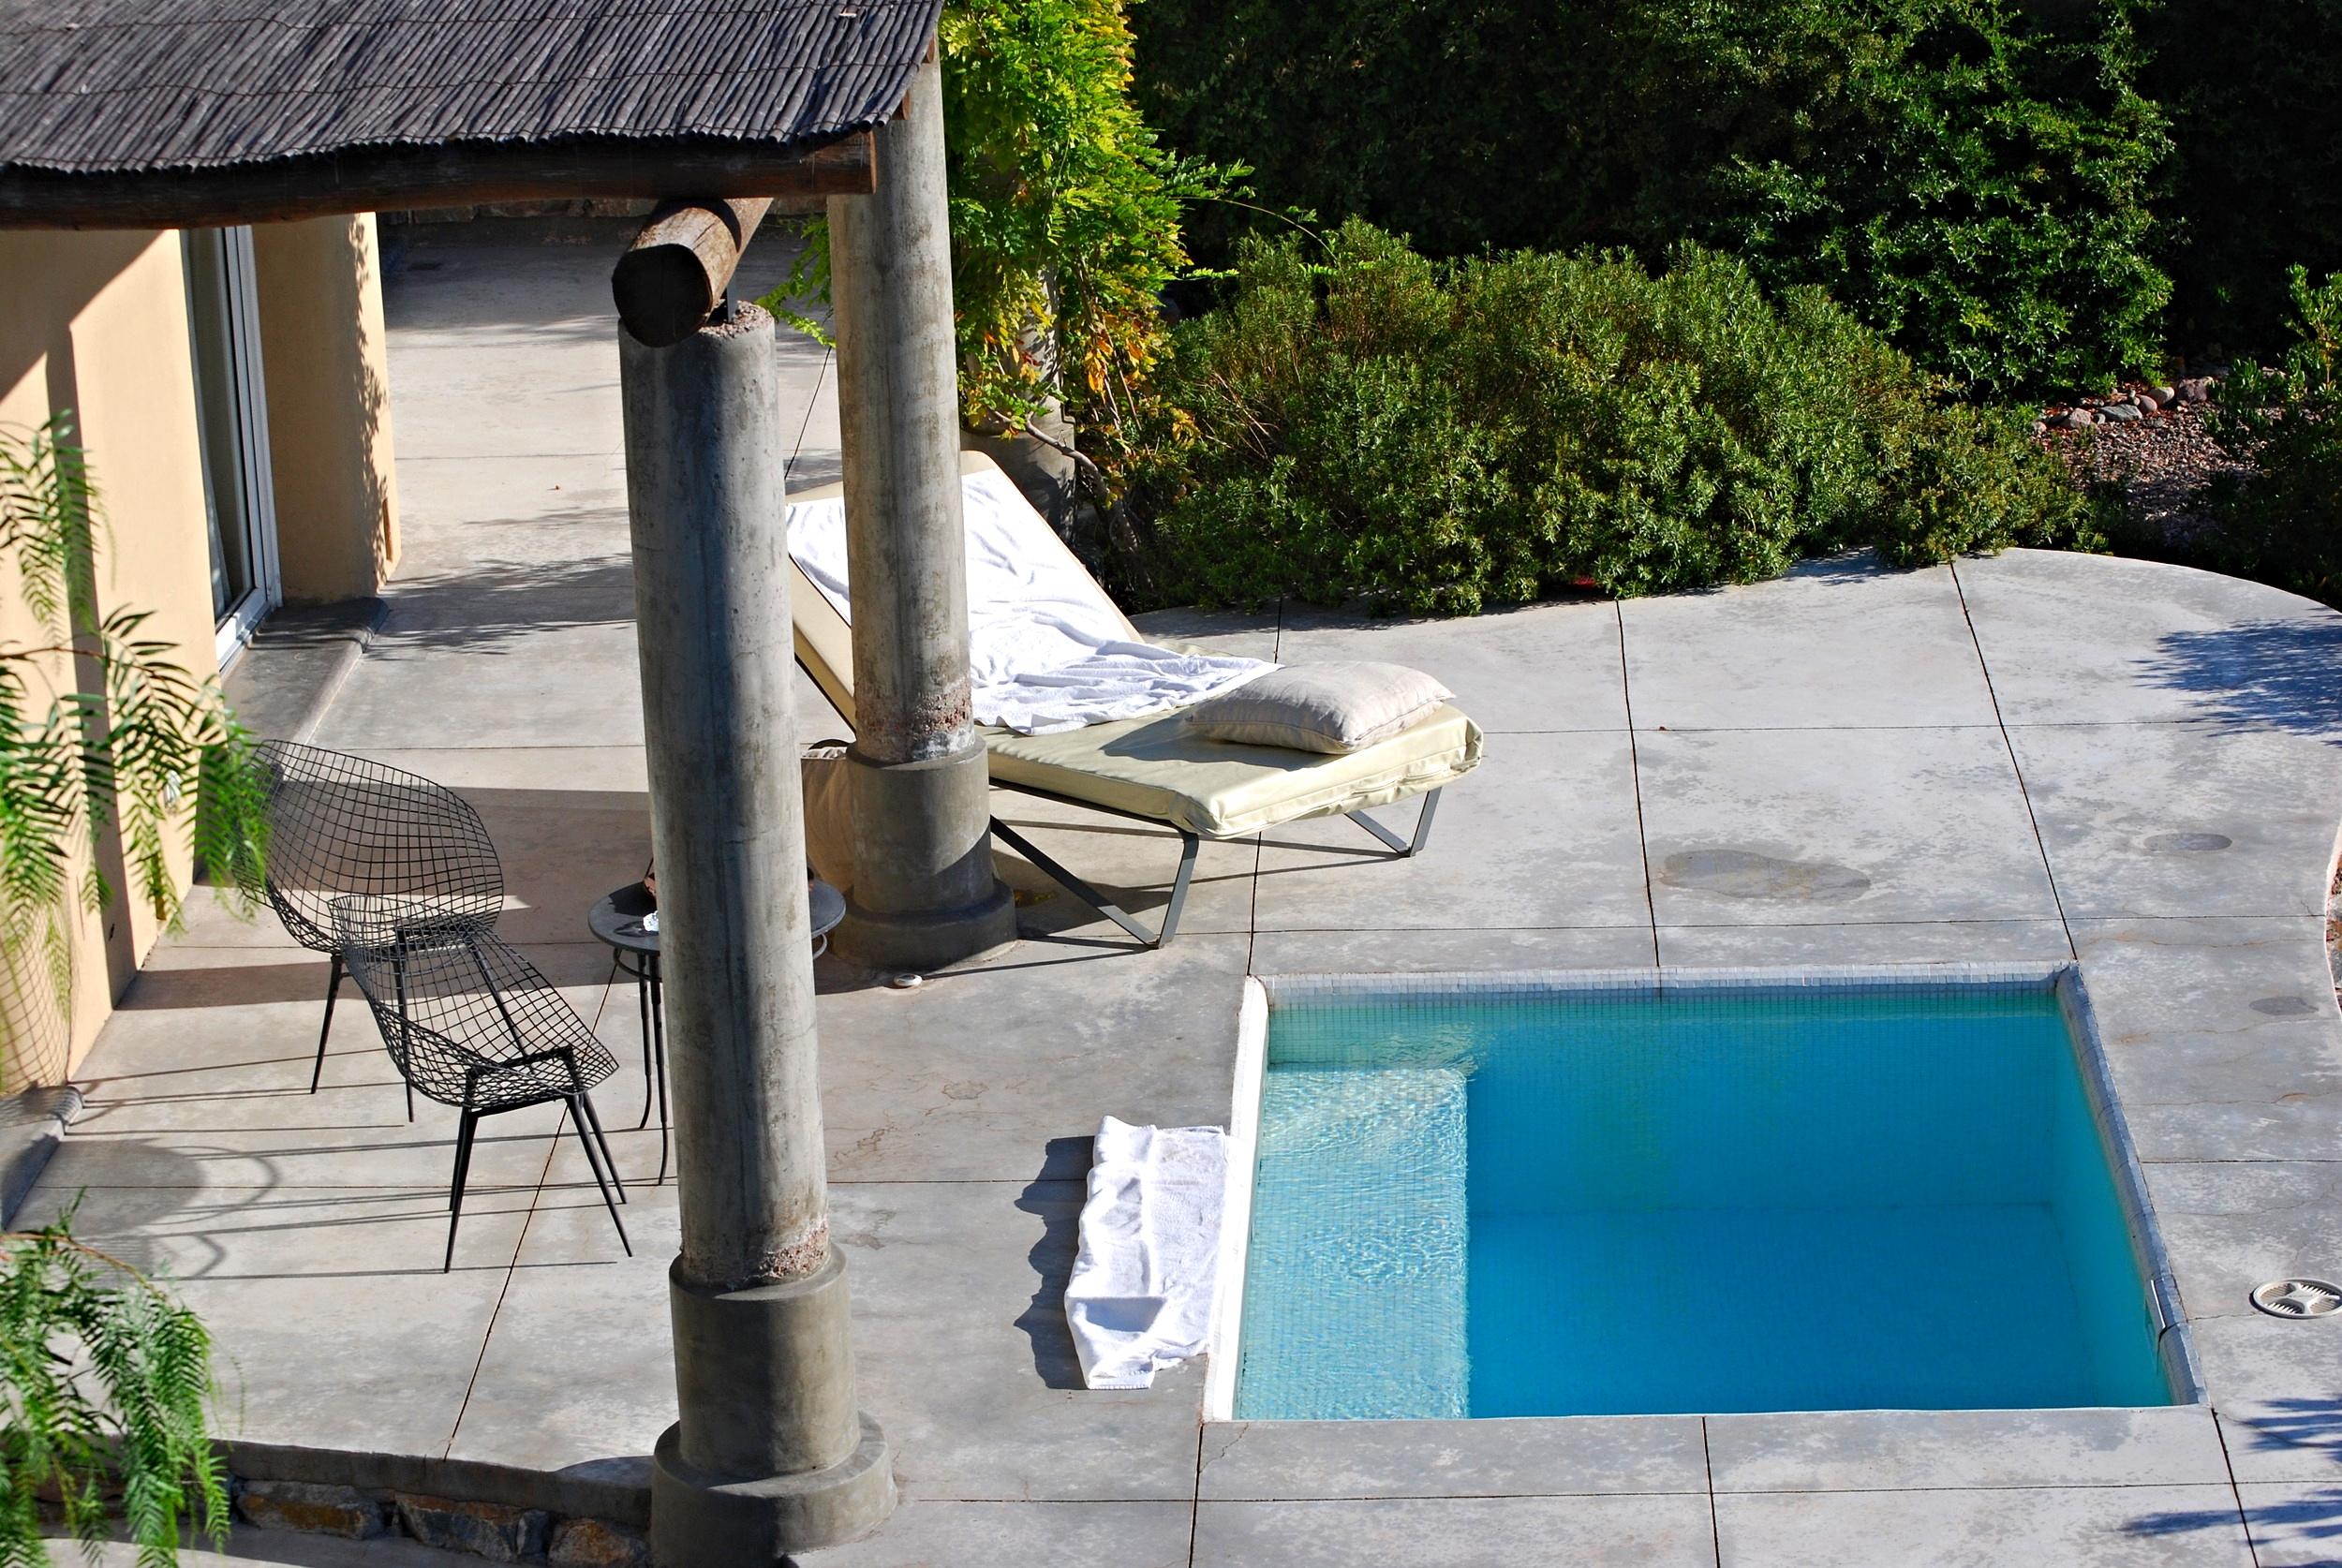 A private plunge pool at Cavas Wine Lodge, Mendoza.